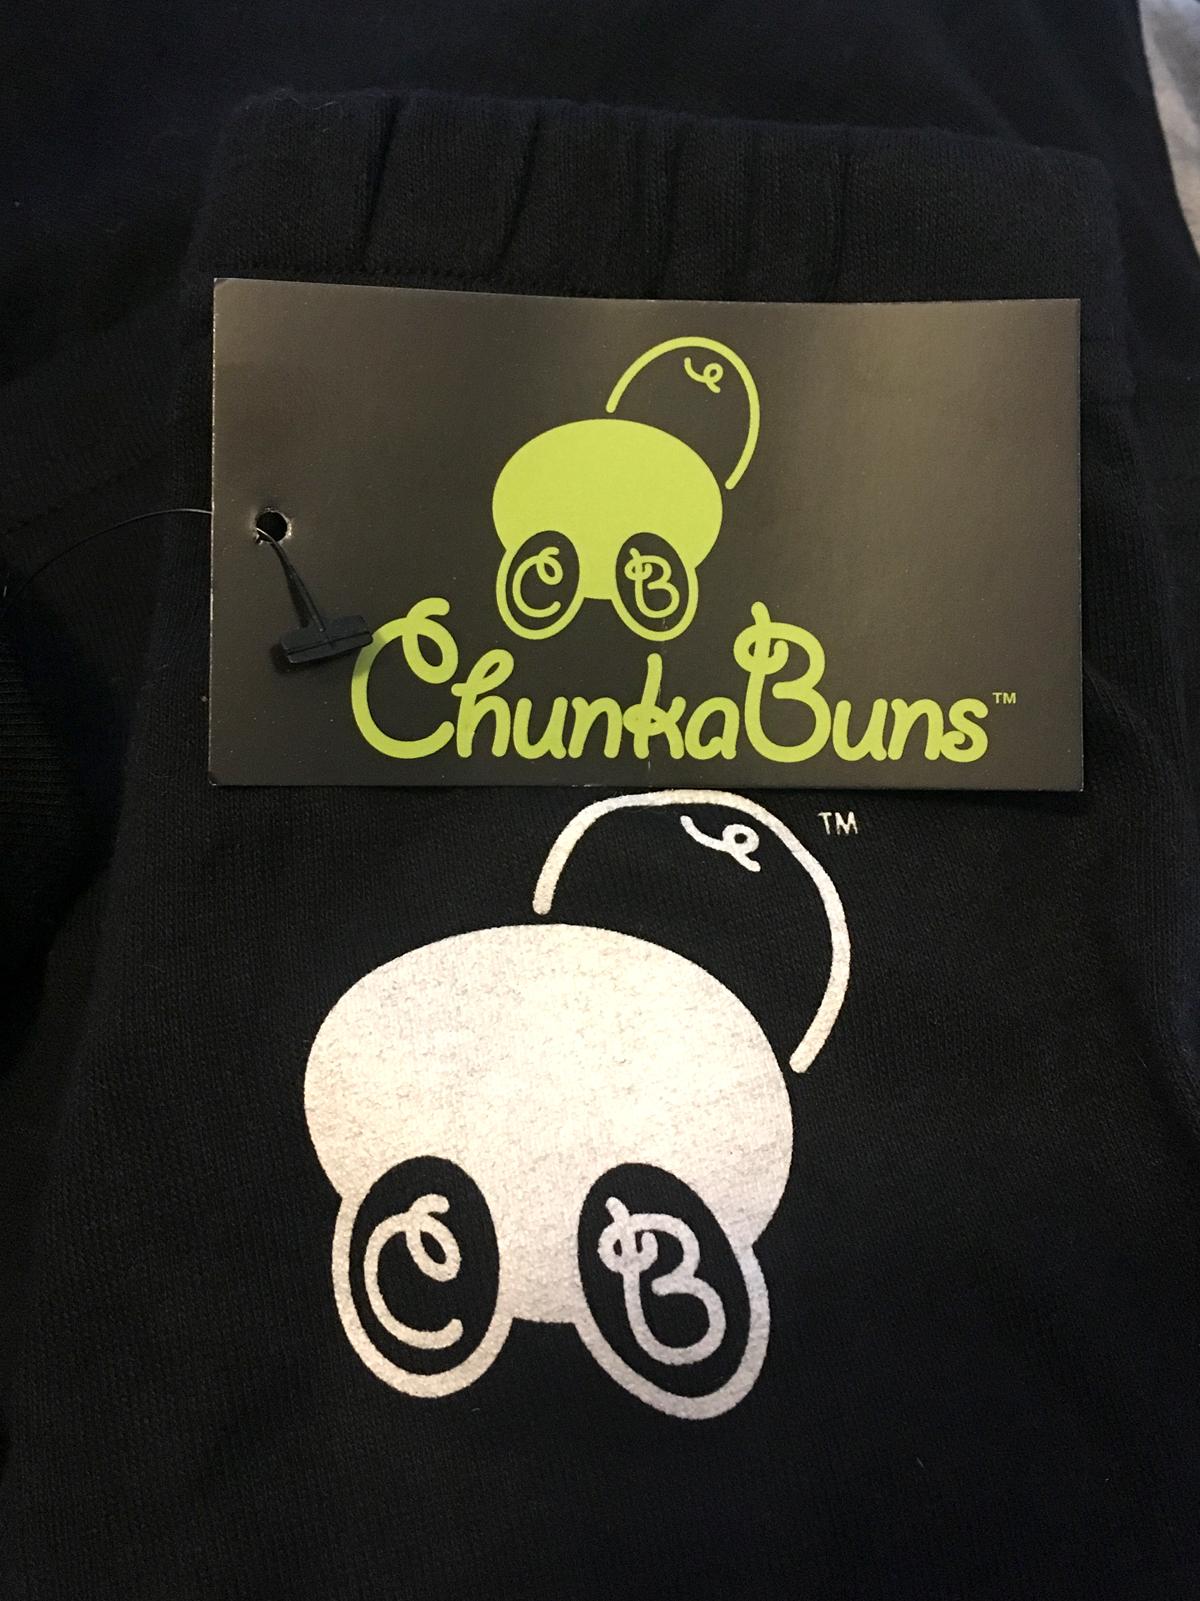 Chunkabuns